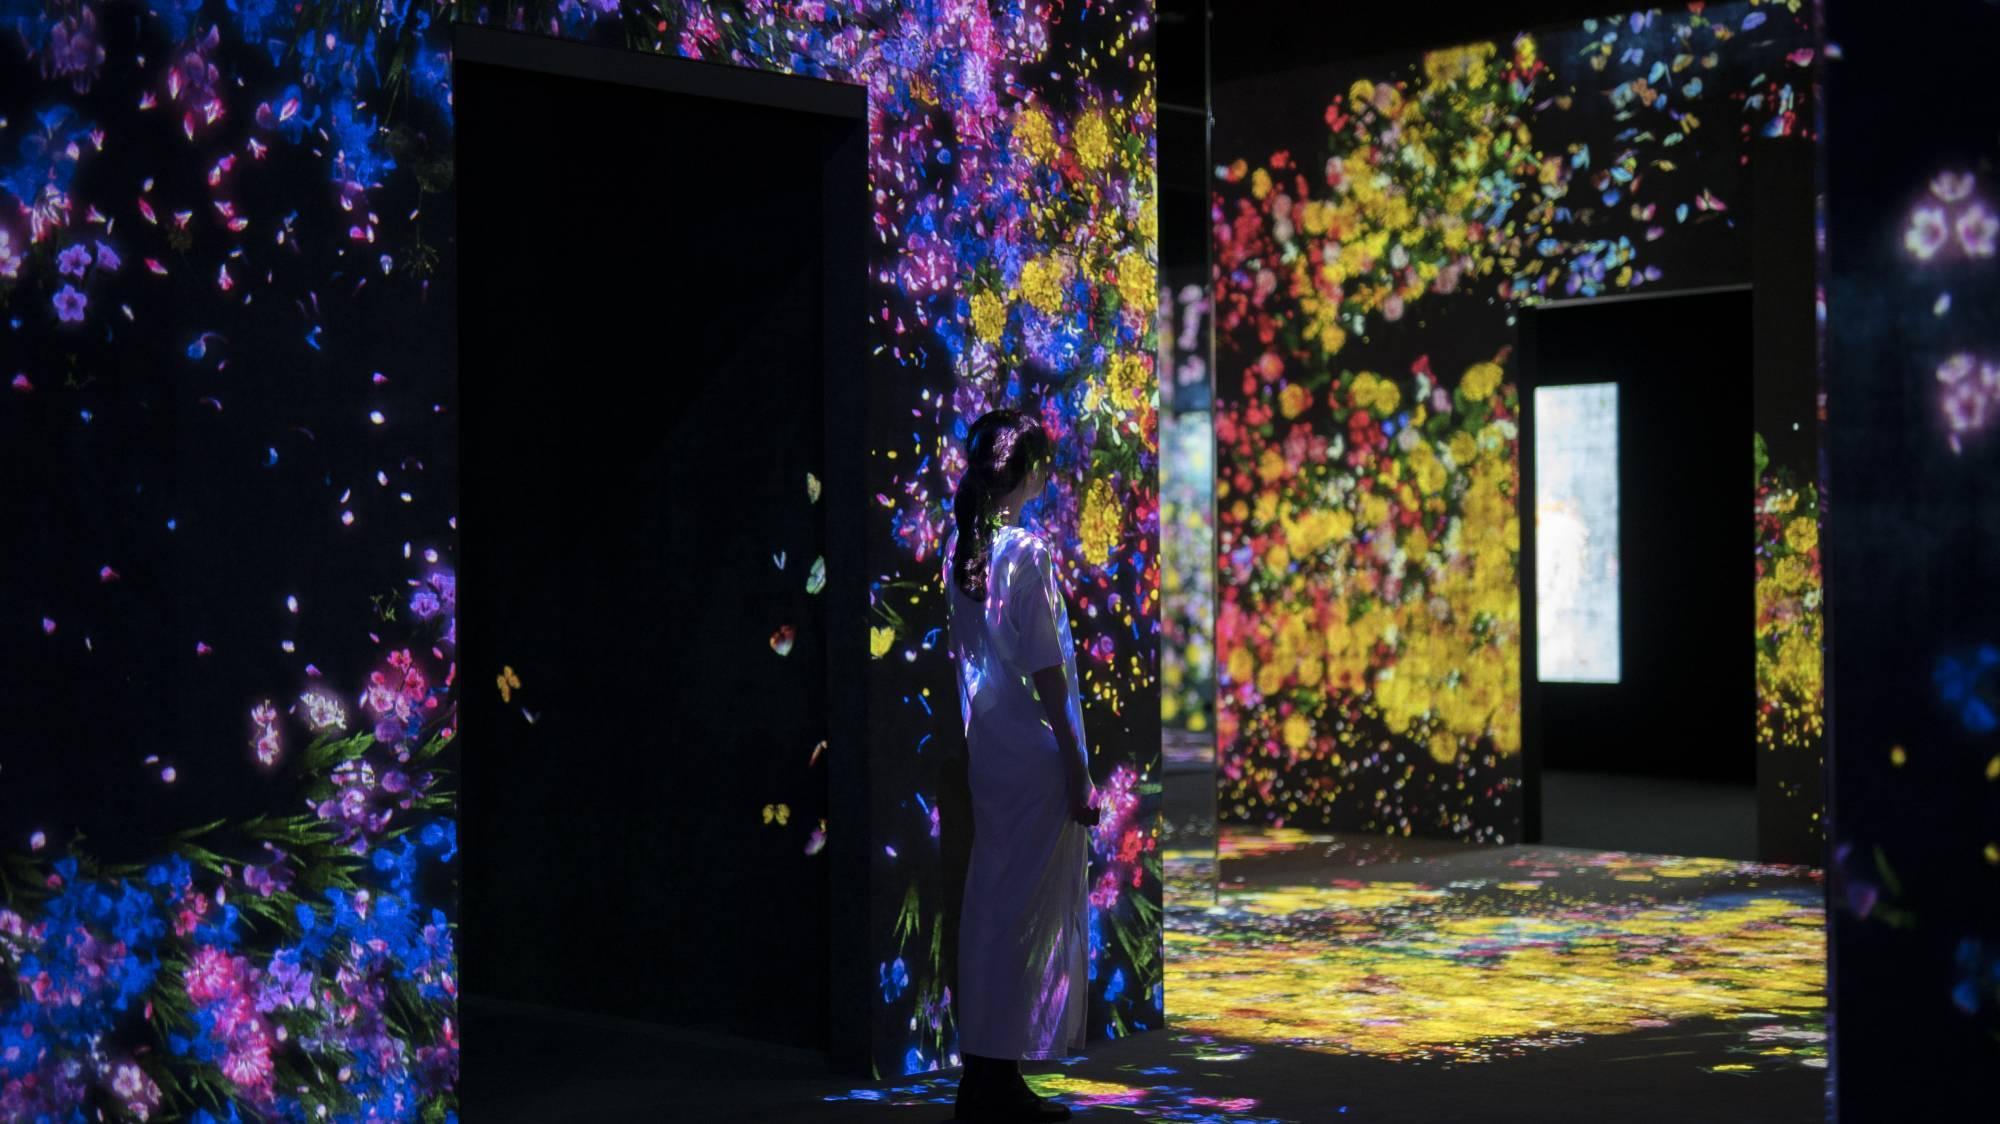 Токио Другая реальность: первый в мире Музей цифровых искусств в Токио 15091